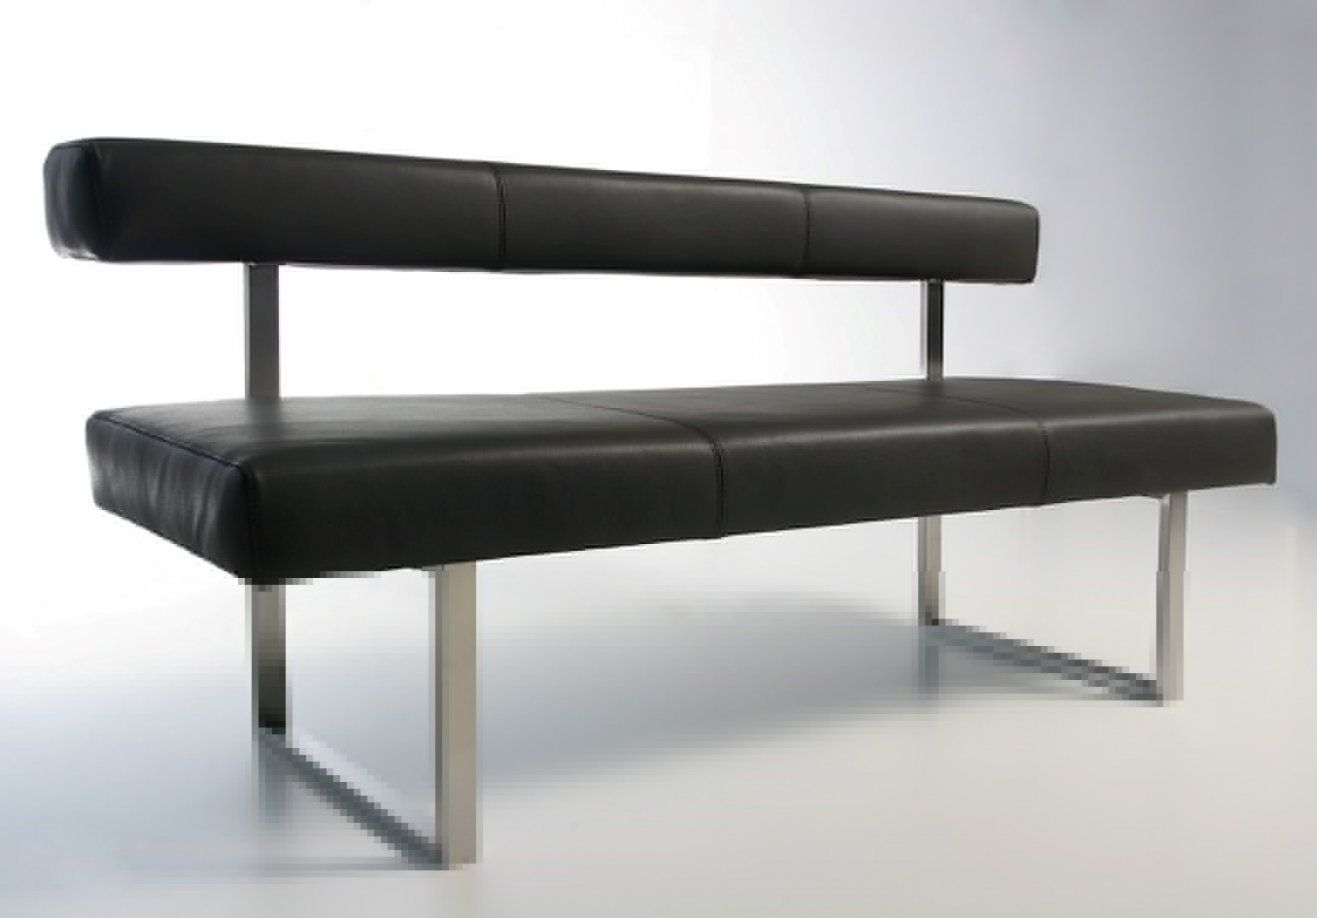 Esszimmer Ideen Bezaubernd Esszimmer Sitzbank Mit Lehne Design von Esszimmer Sitzbank Mit Lehne Photo